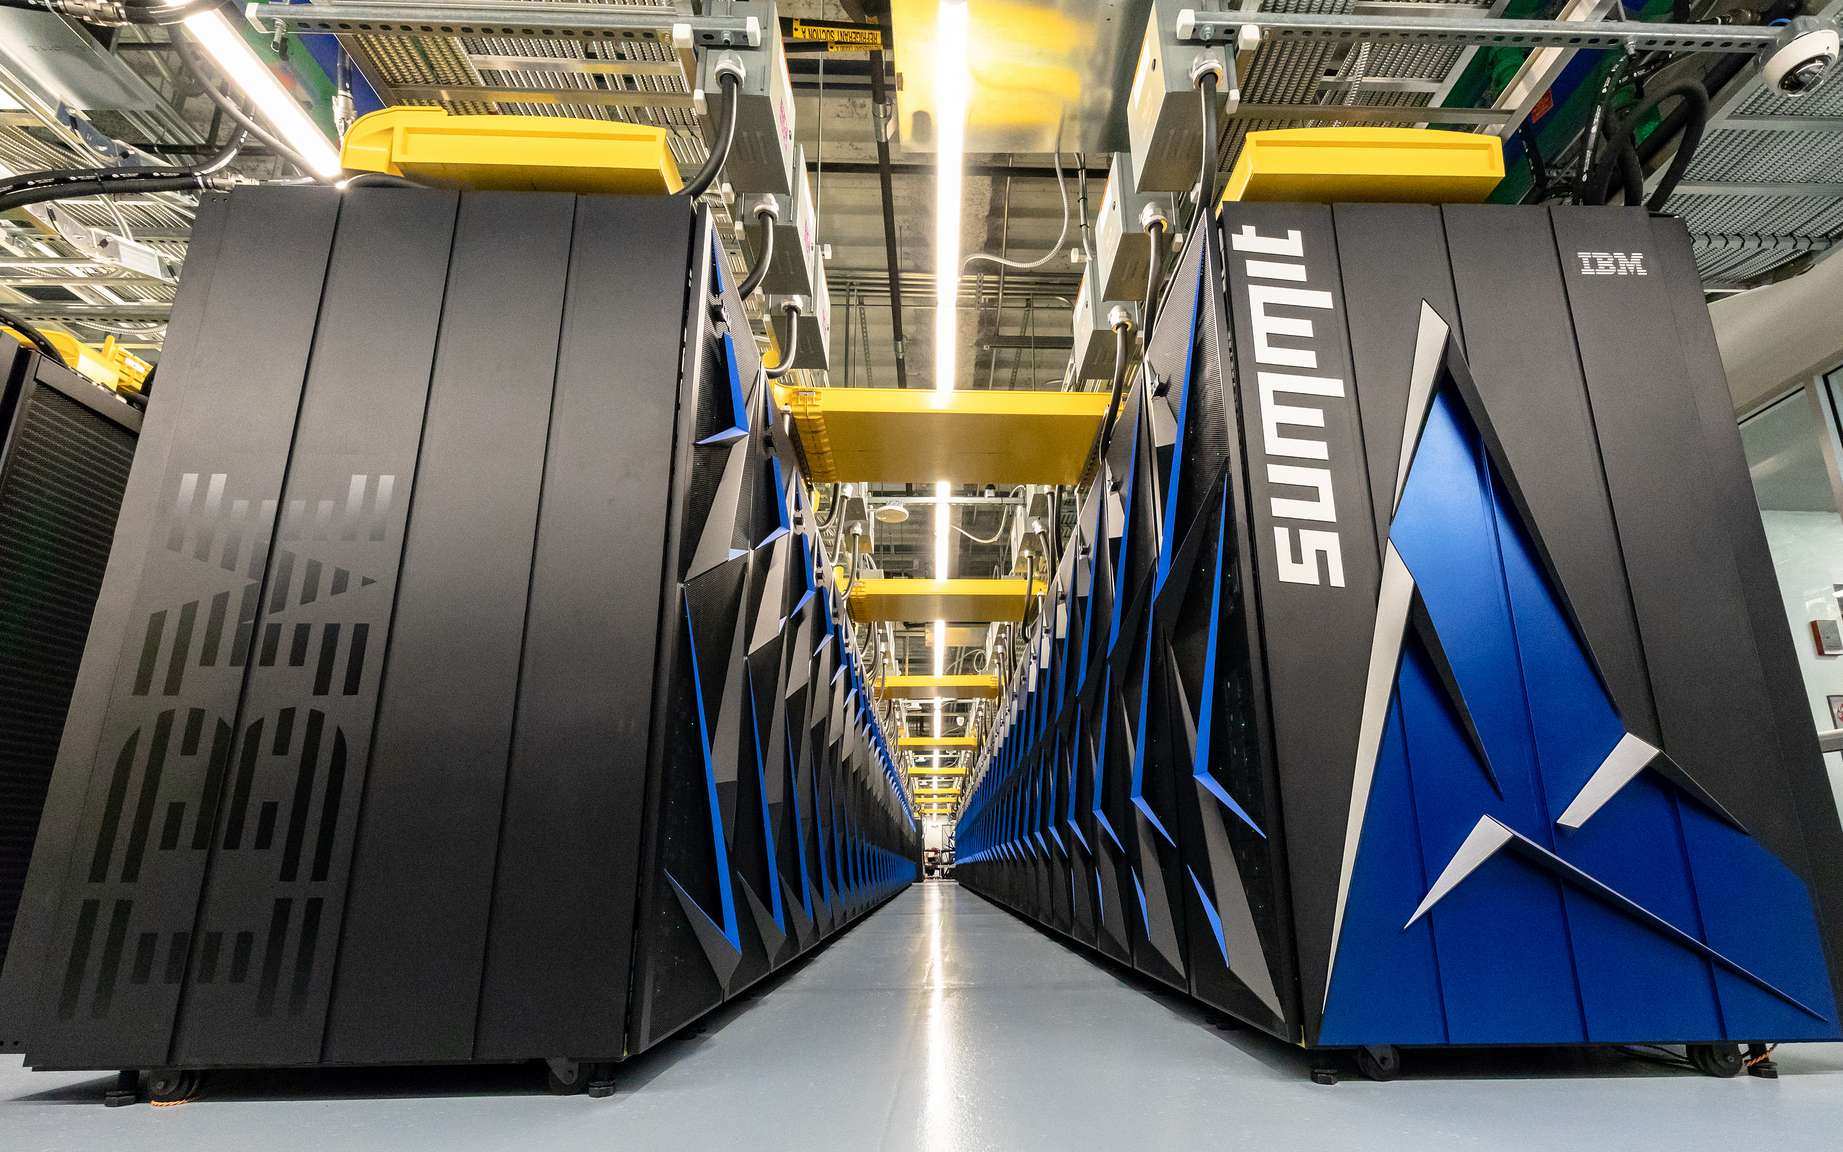 Le Summit d'IBM, l'ordinateur le plus puissant du monde, est capable d'effectuer 122 millions de milliards d'opérations à la seconde. © Oak Ridge National Laboratory, Flickr